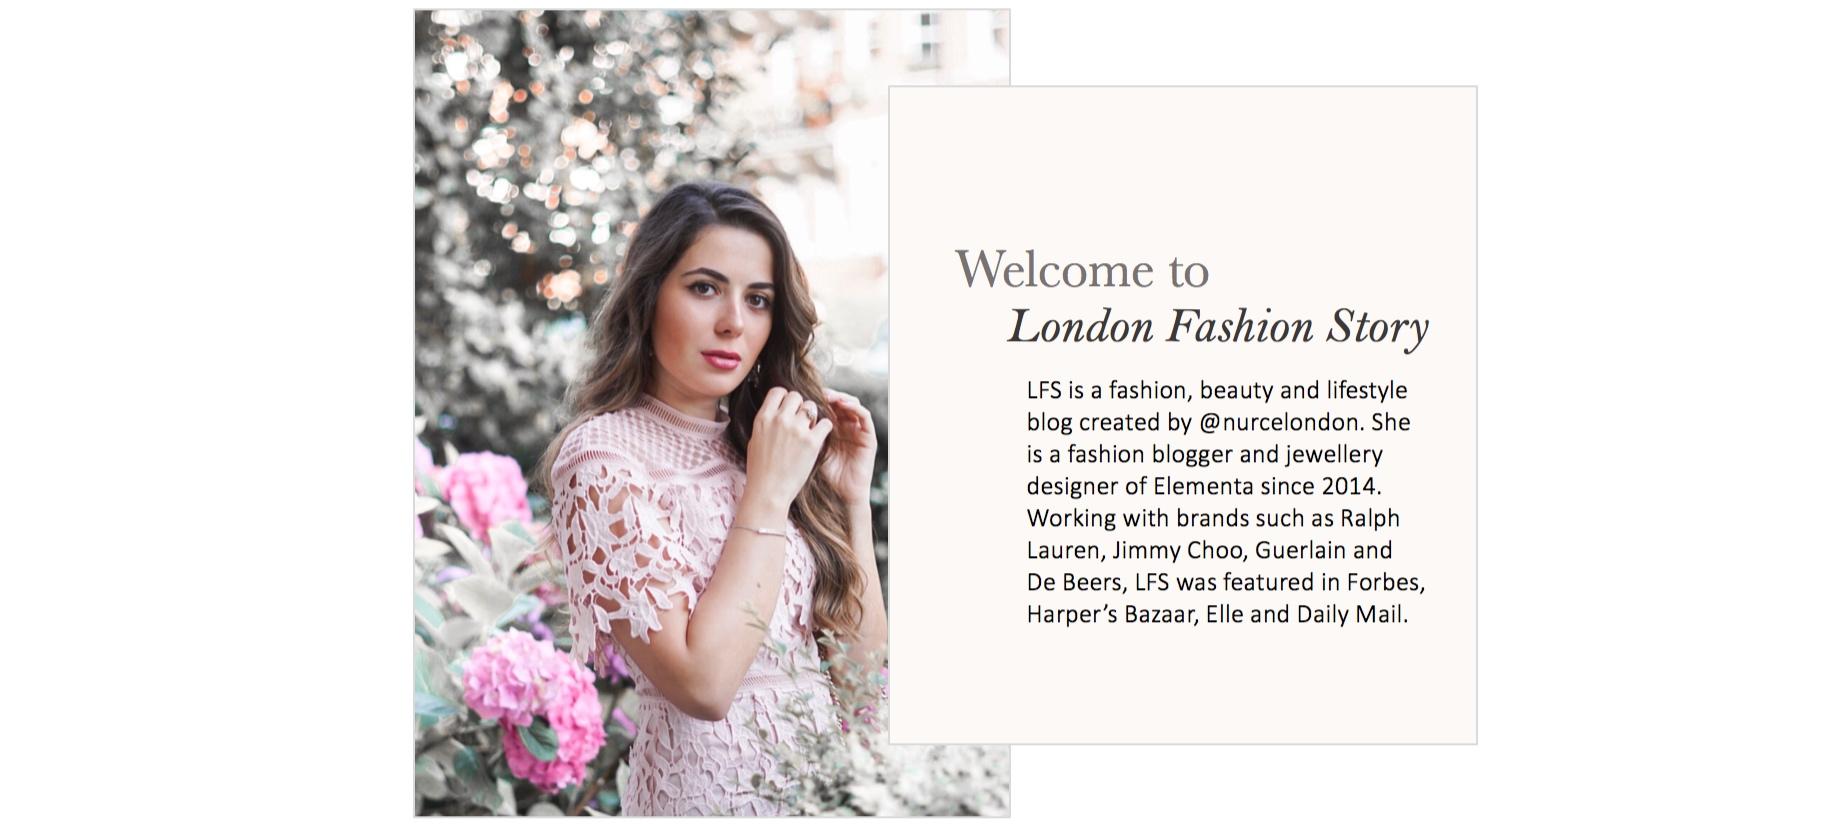 London Fashion Story